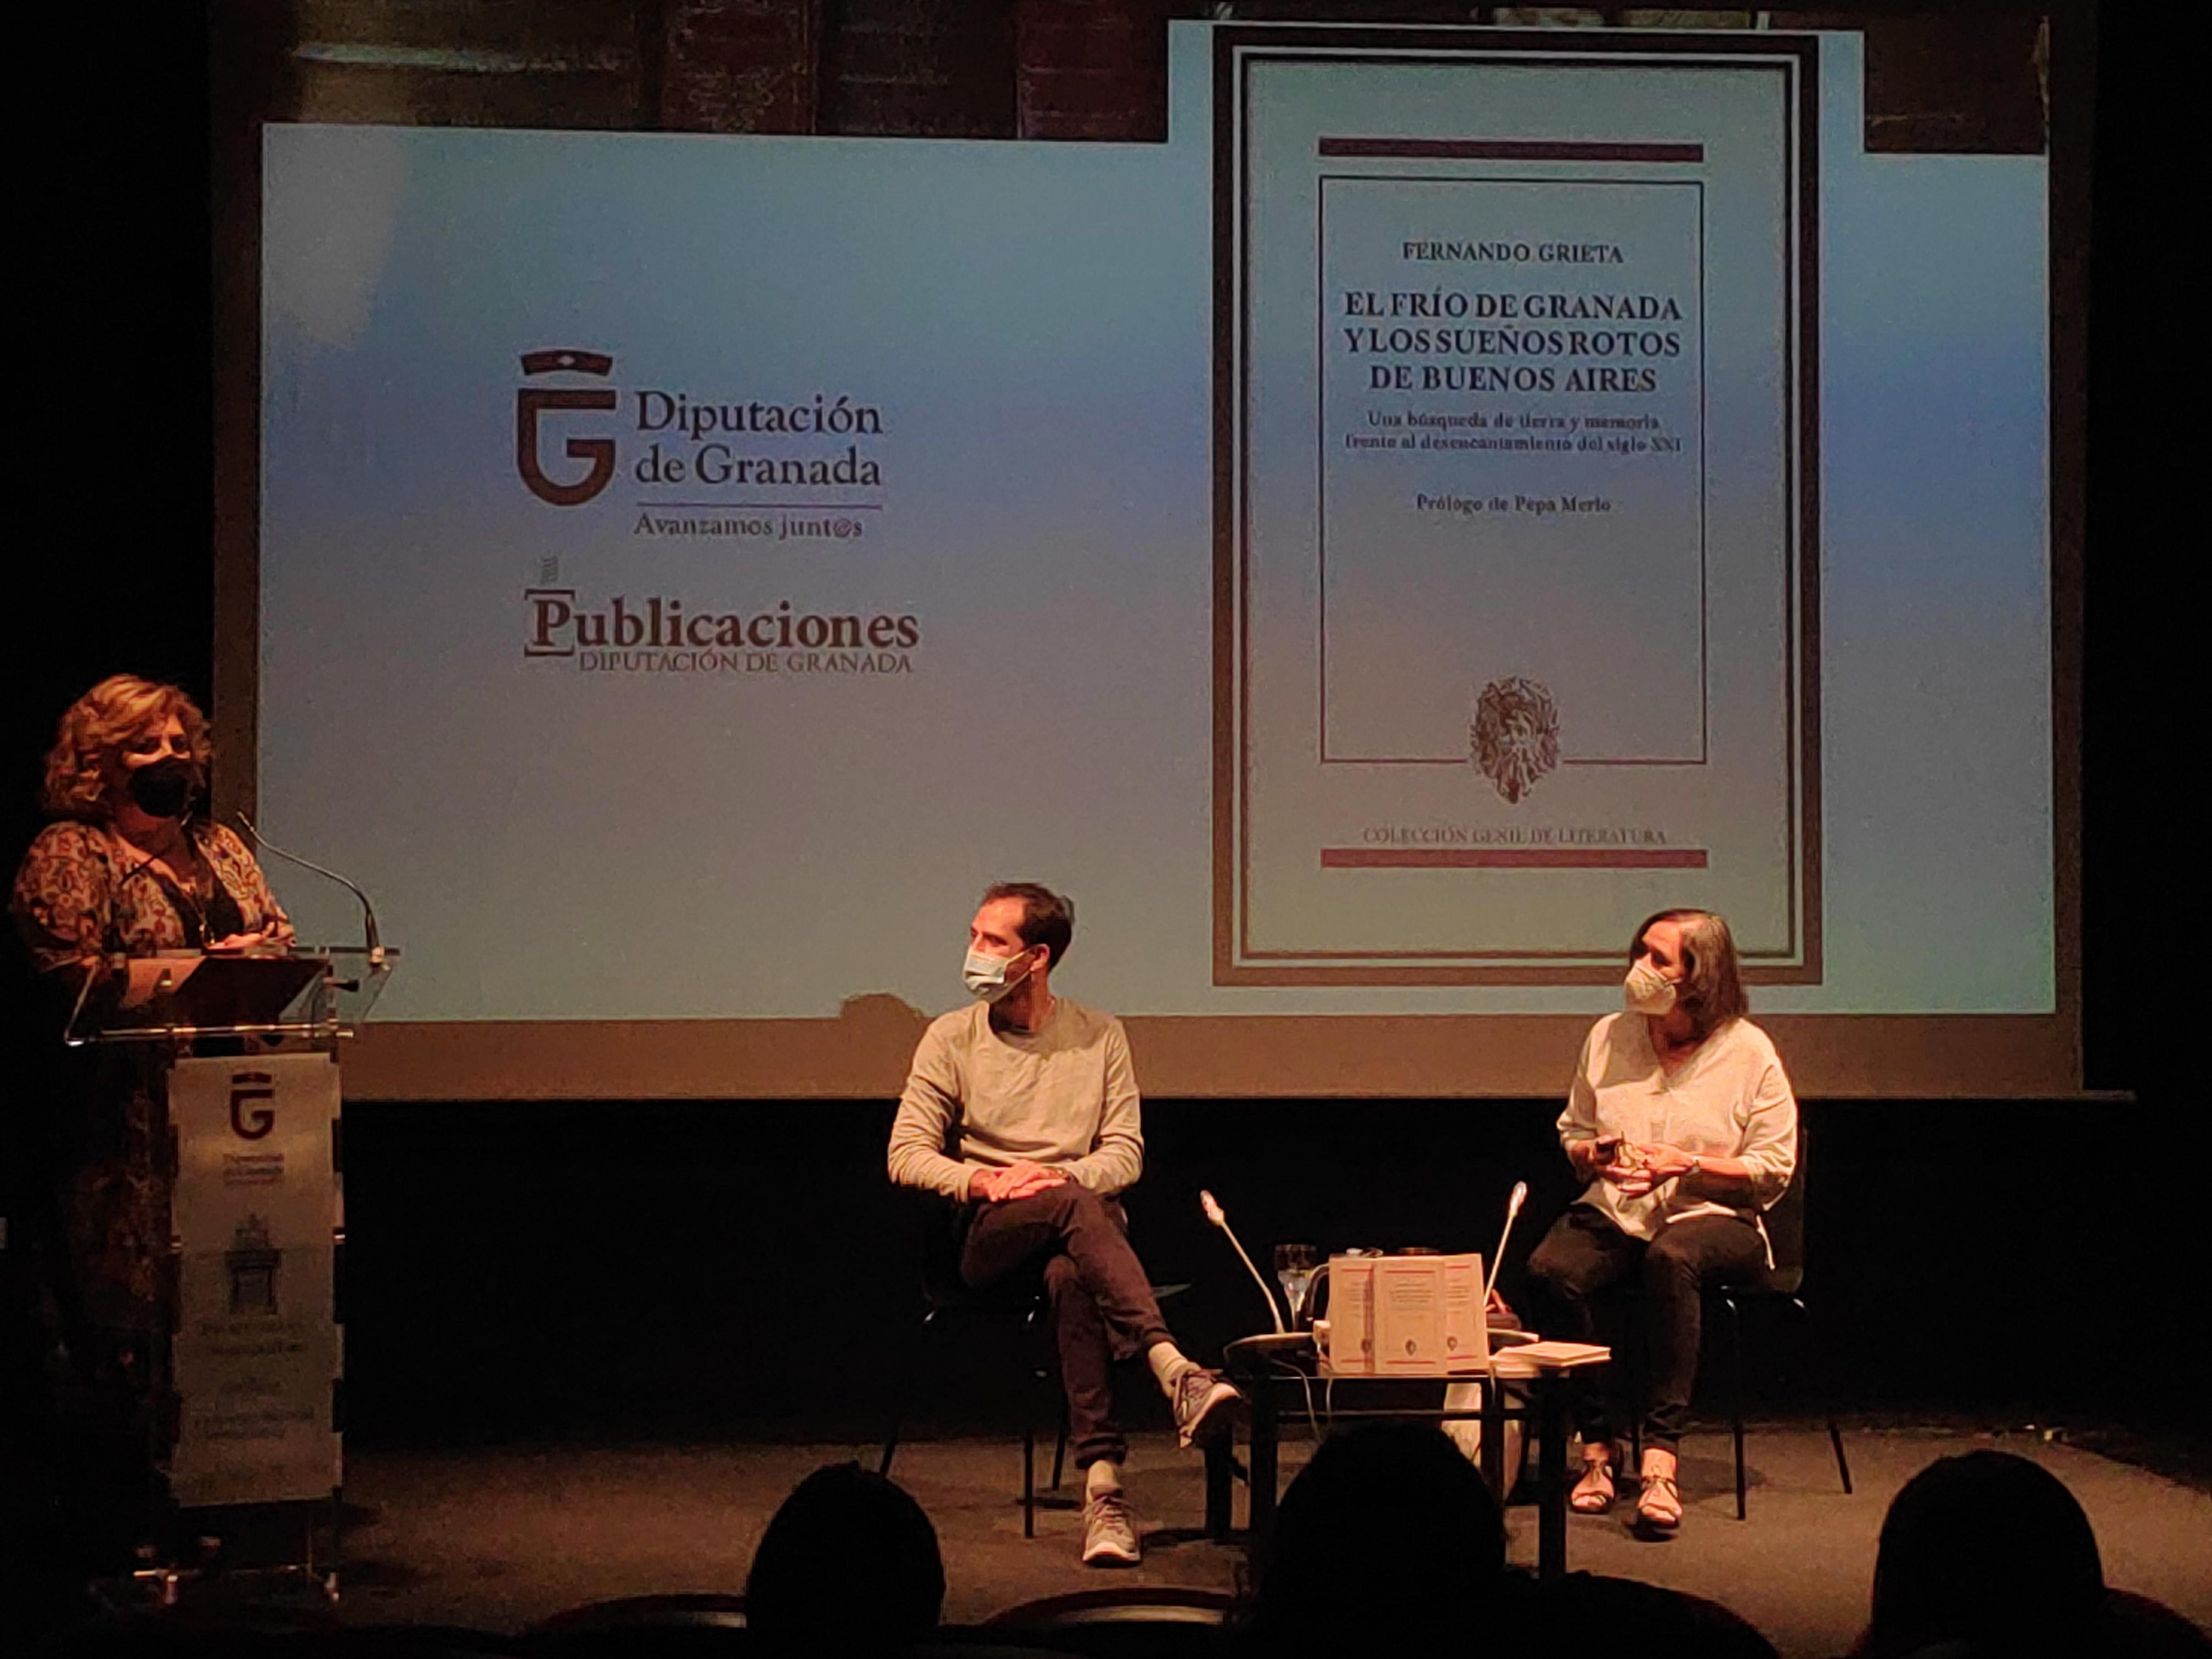 """Fernando Grieta presenta su libro """"El Frío de Granada y los Sueños Rotos de Buenos Aires"""""""